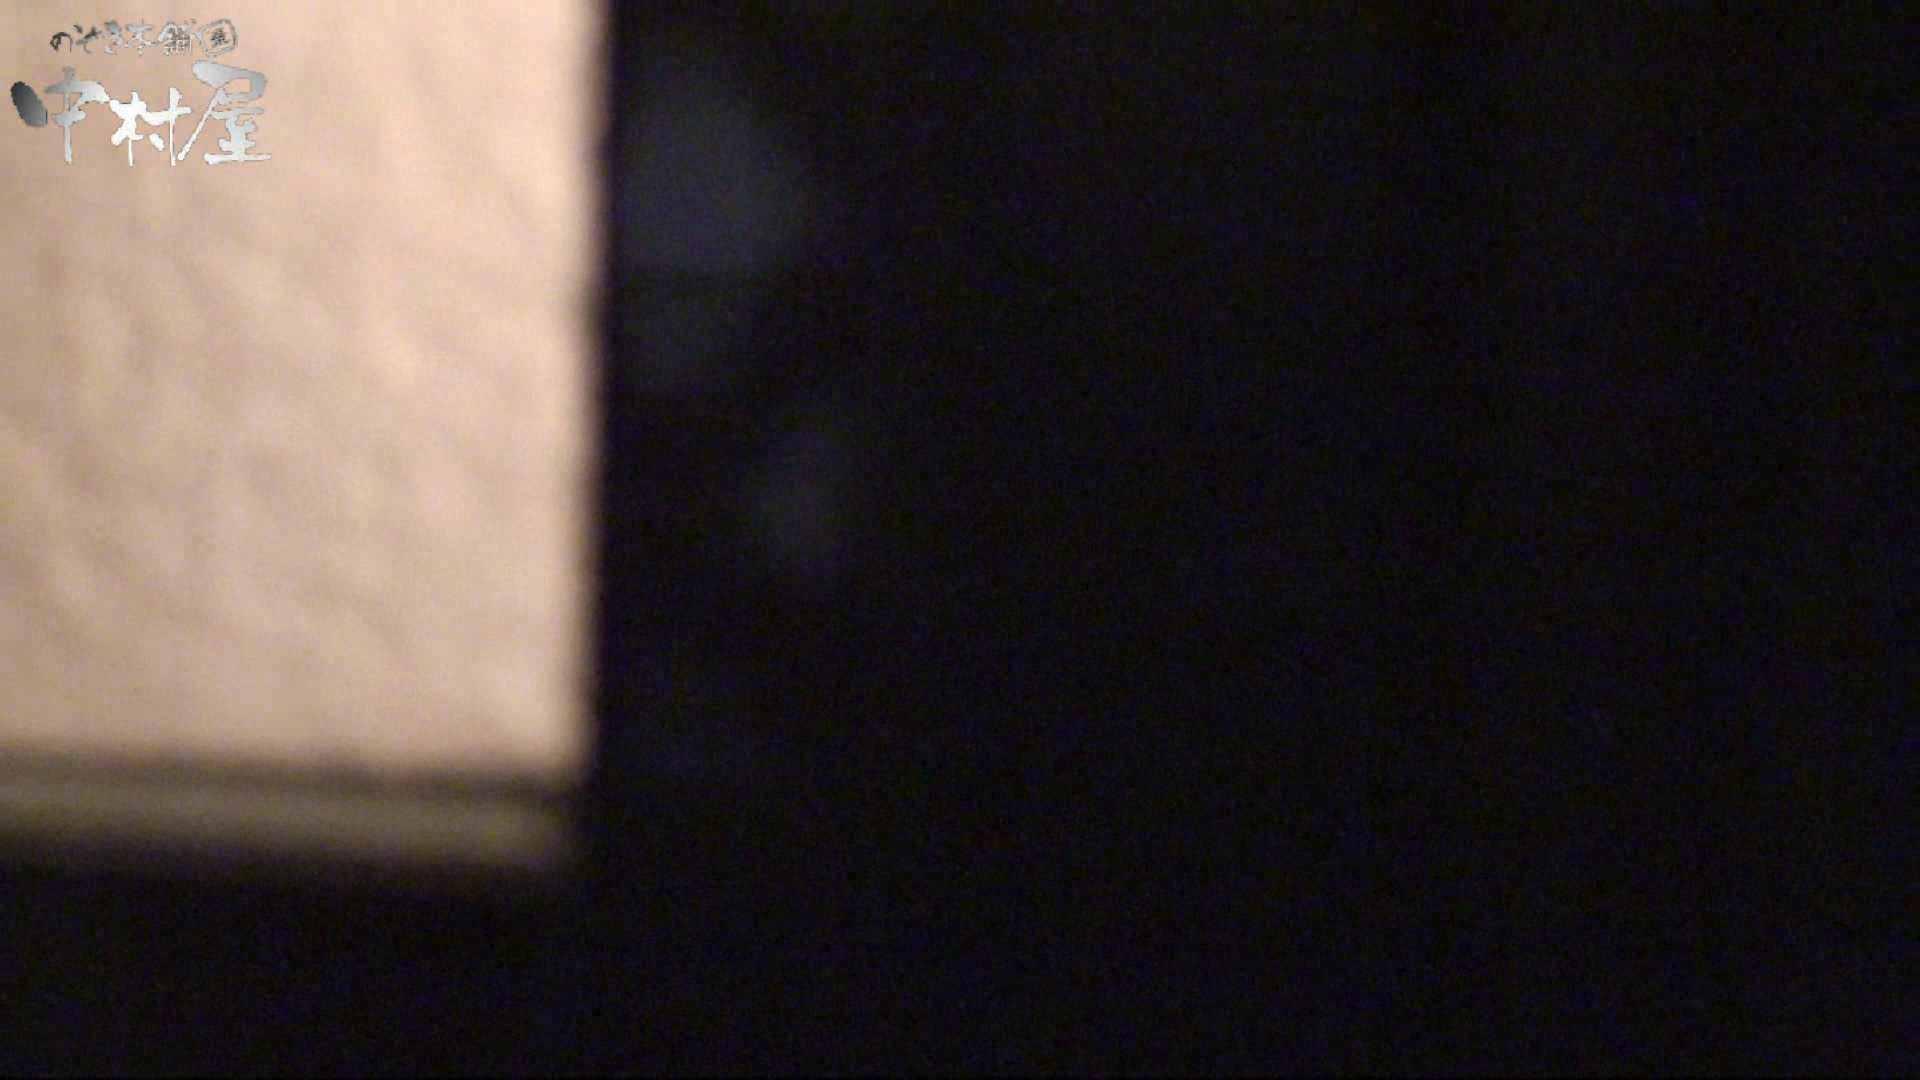 民家盗撮 隙間の向こう側 vol.01 シャワー アダルト動画キャプチャ 105PICs 19